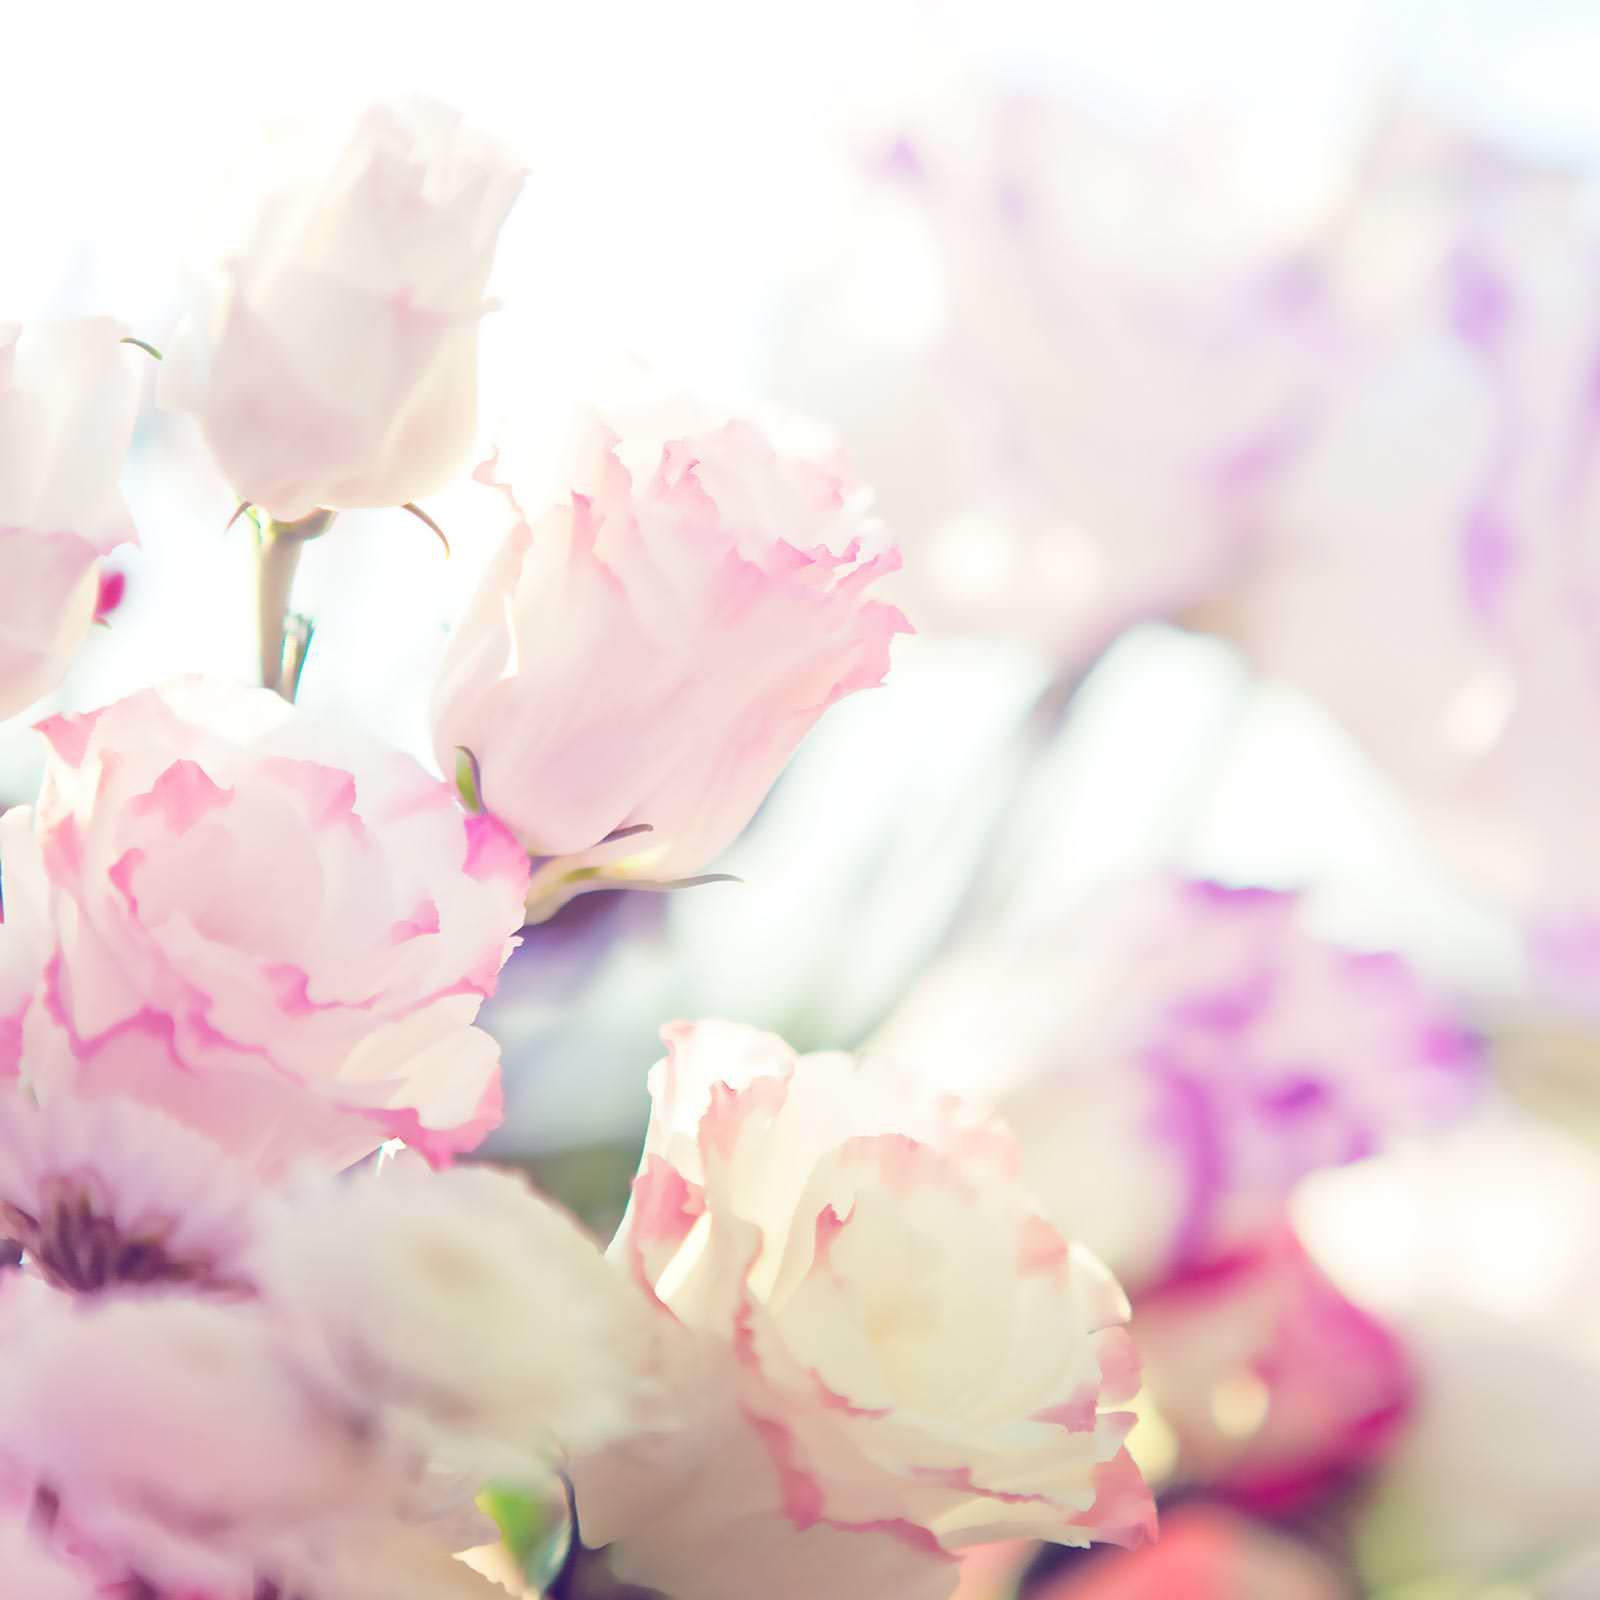 нежные розы картинки